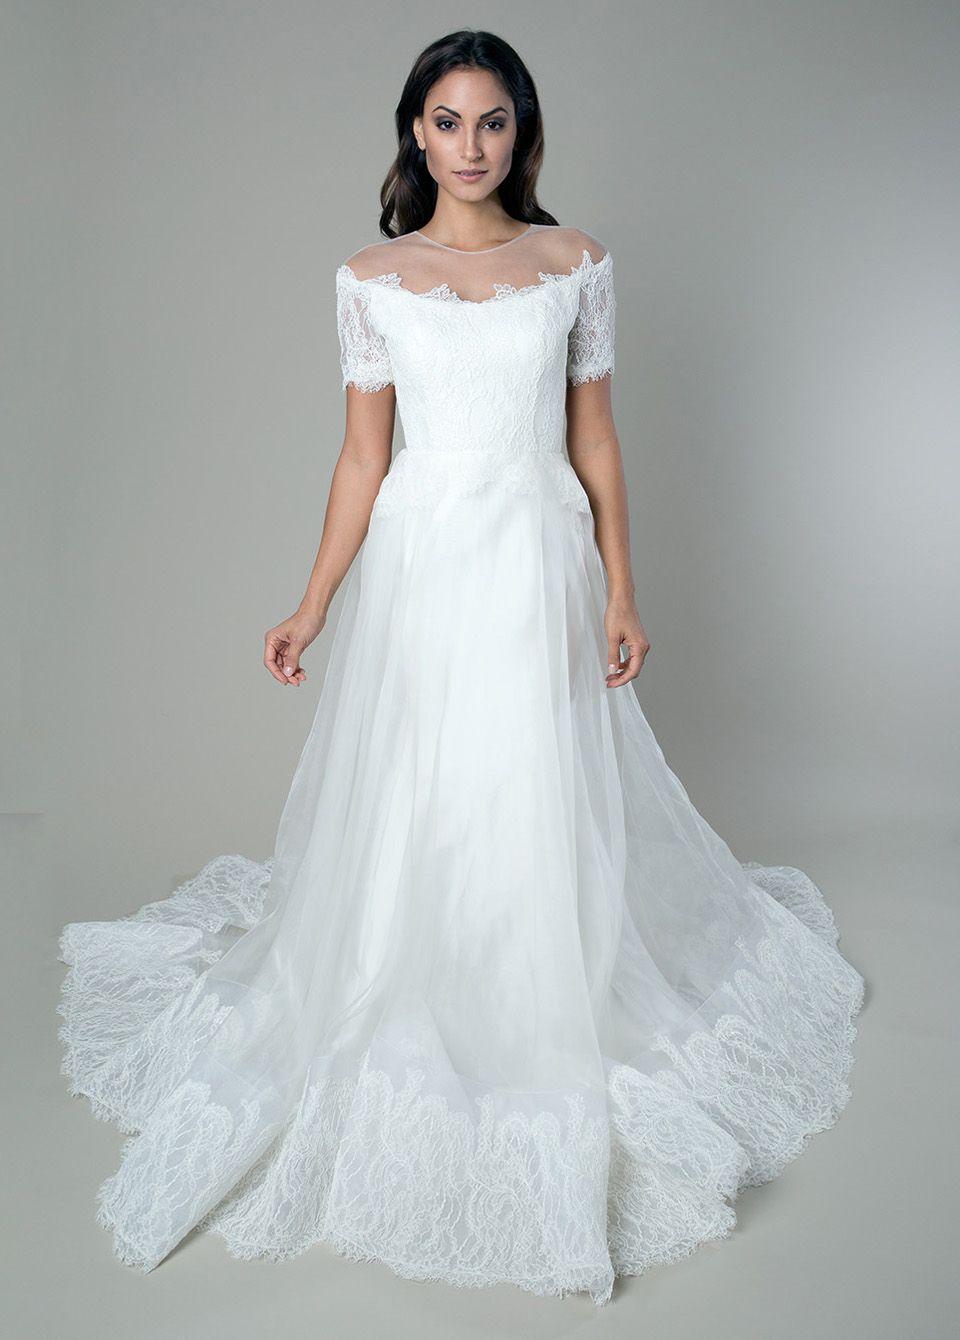 Birmingham Wedding Dresses: Vintage, Lace, Simple | Heidi Elnorahei ...